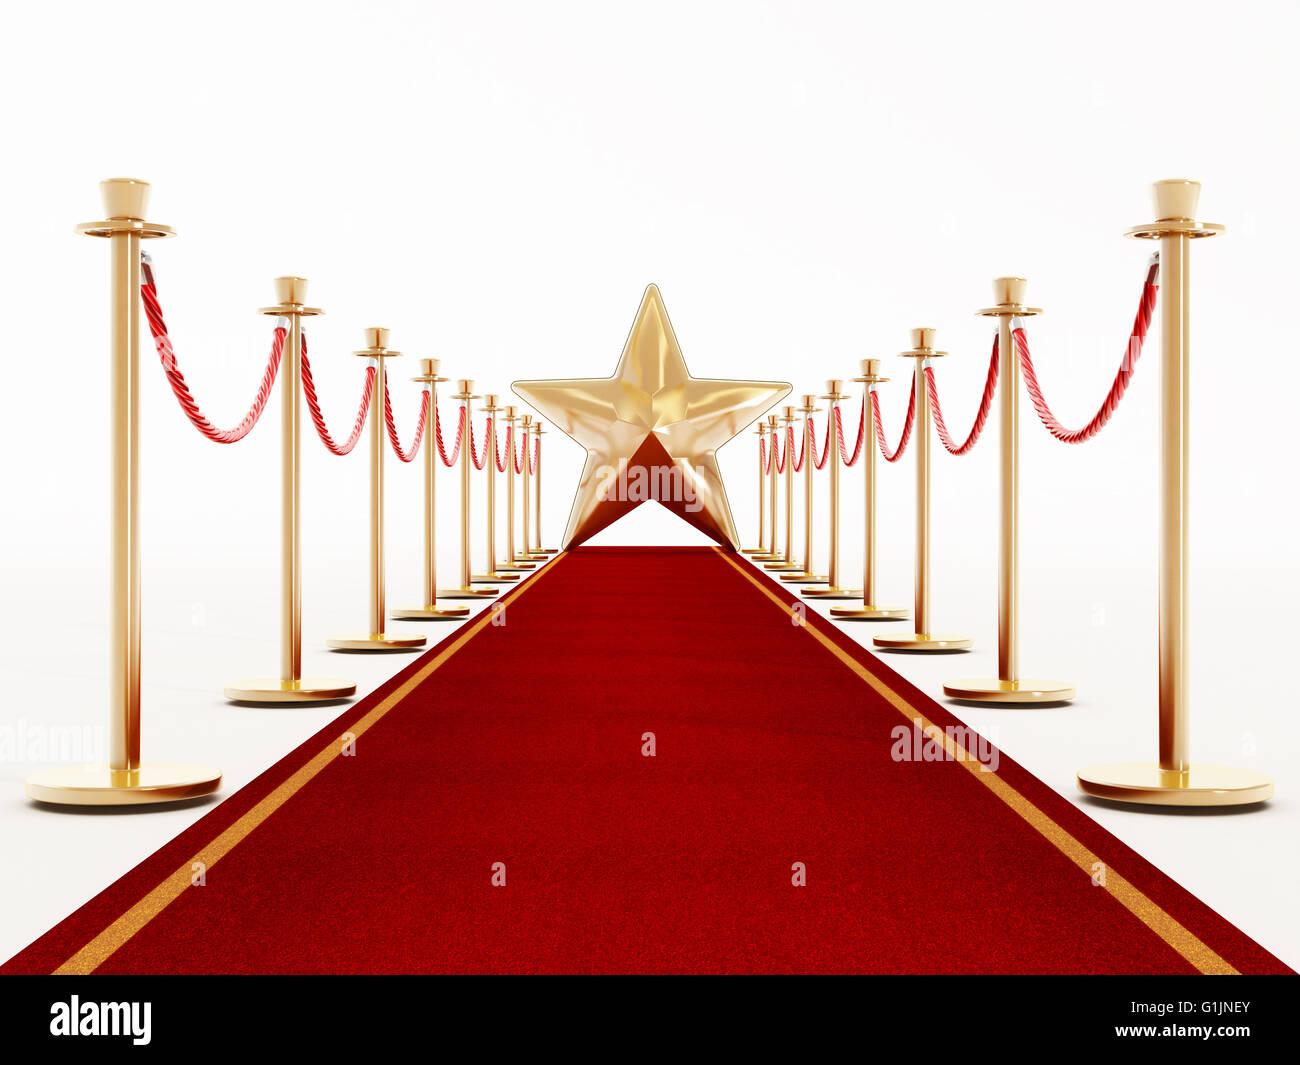 Tappeto rosso e corde di velluto con una stella d'oro forma alla fine della corsia. Immagini Stock